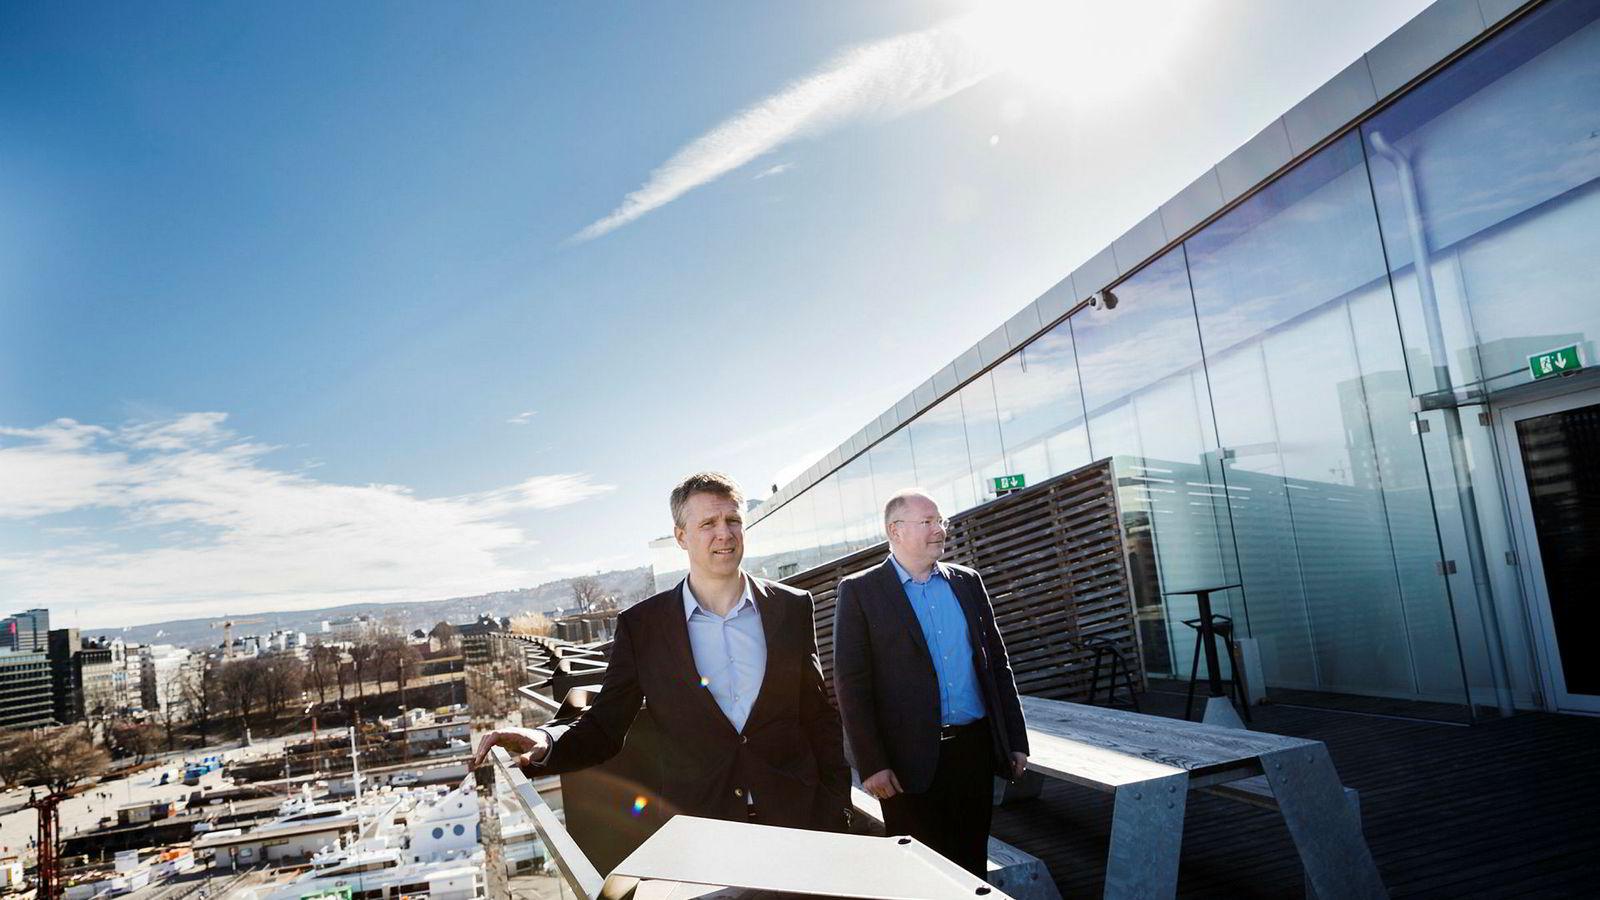 – Det store intense arbeidet er gjort etter nyttår, sier toppsjef Jan Harald Solstad (til venstre) der han feirer Exxon-kjøpet sammen med nestsjef Thomas Bjørgo i oljeselskapet Point Resources på Aker Brygge.